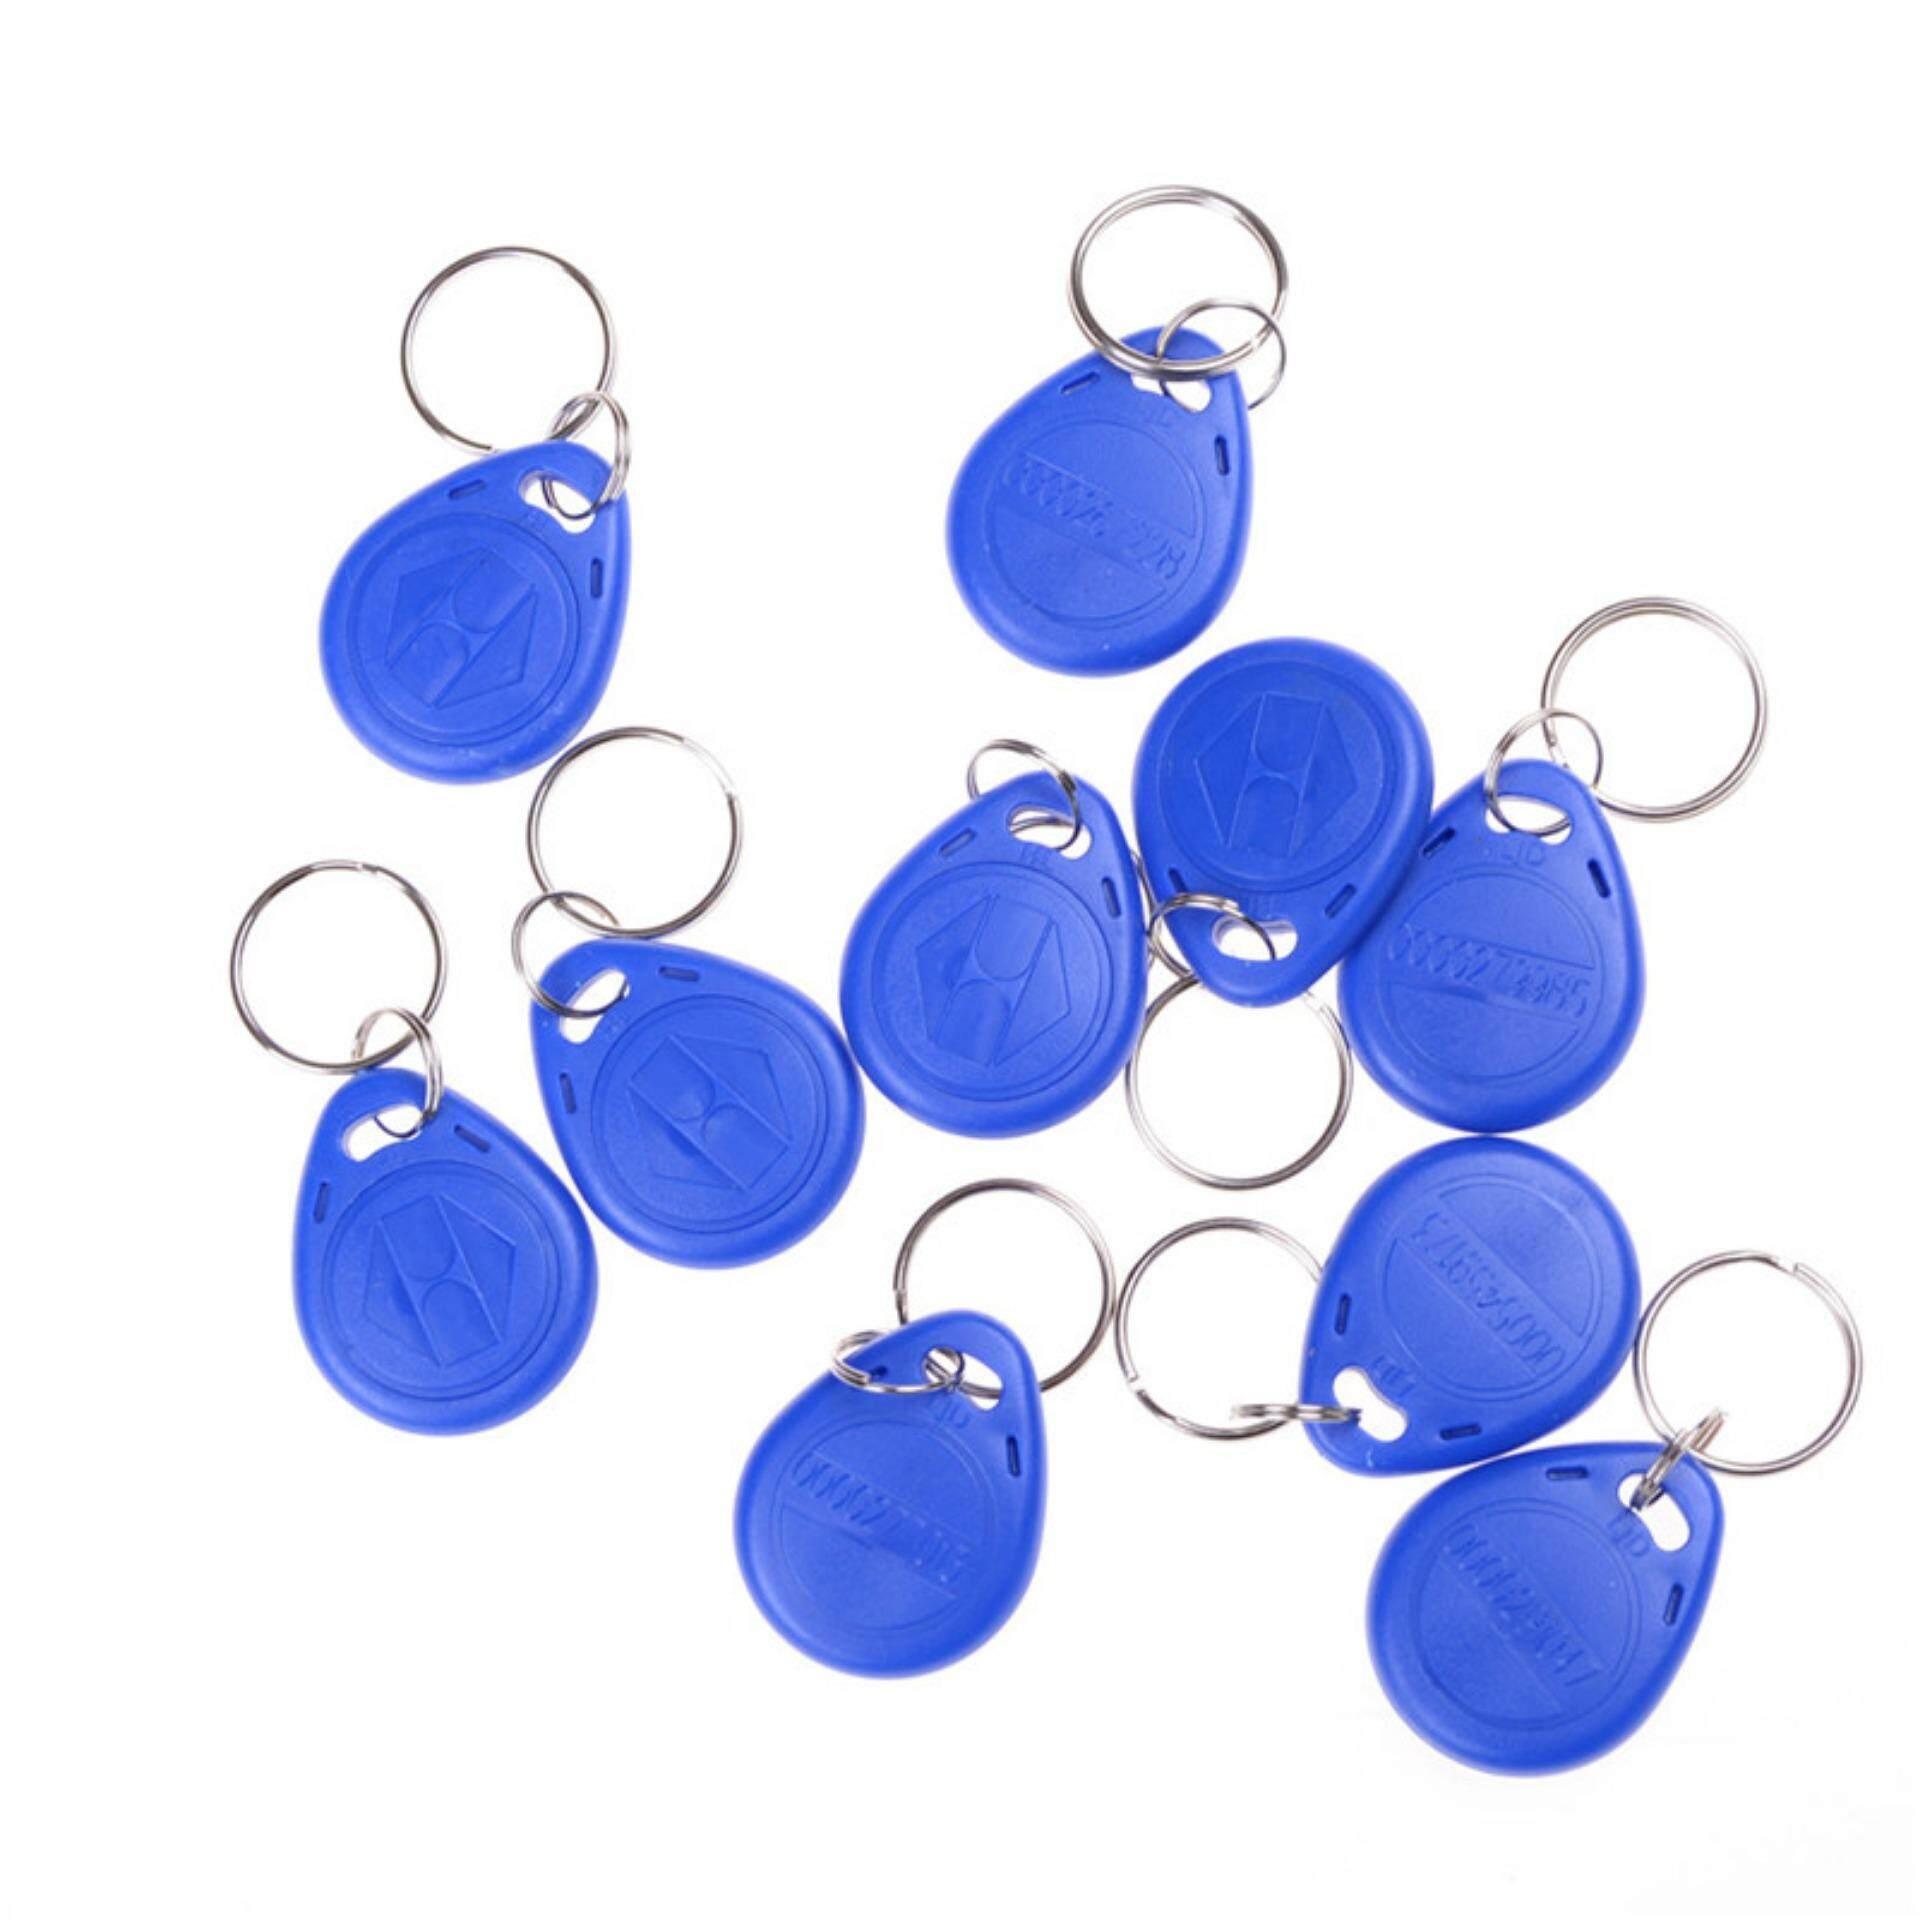 10pcs EM4305 Copy Rewritable Writable Rewrite RFID Tag Key Ring Card 125KHZ